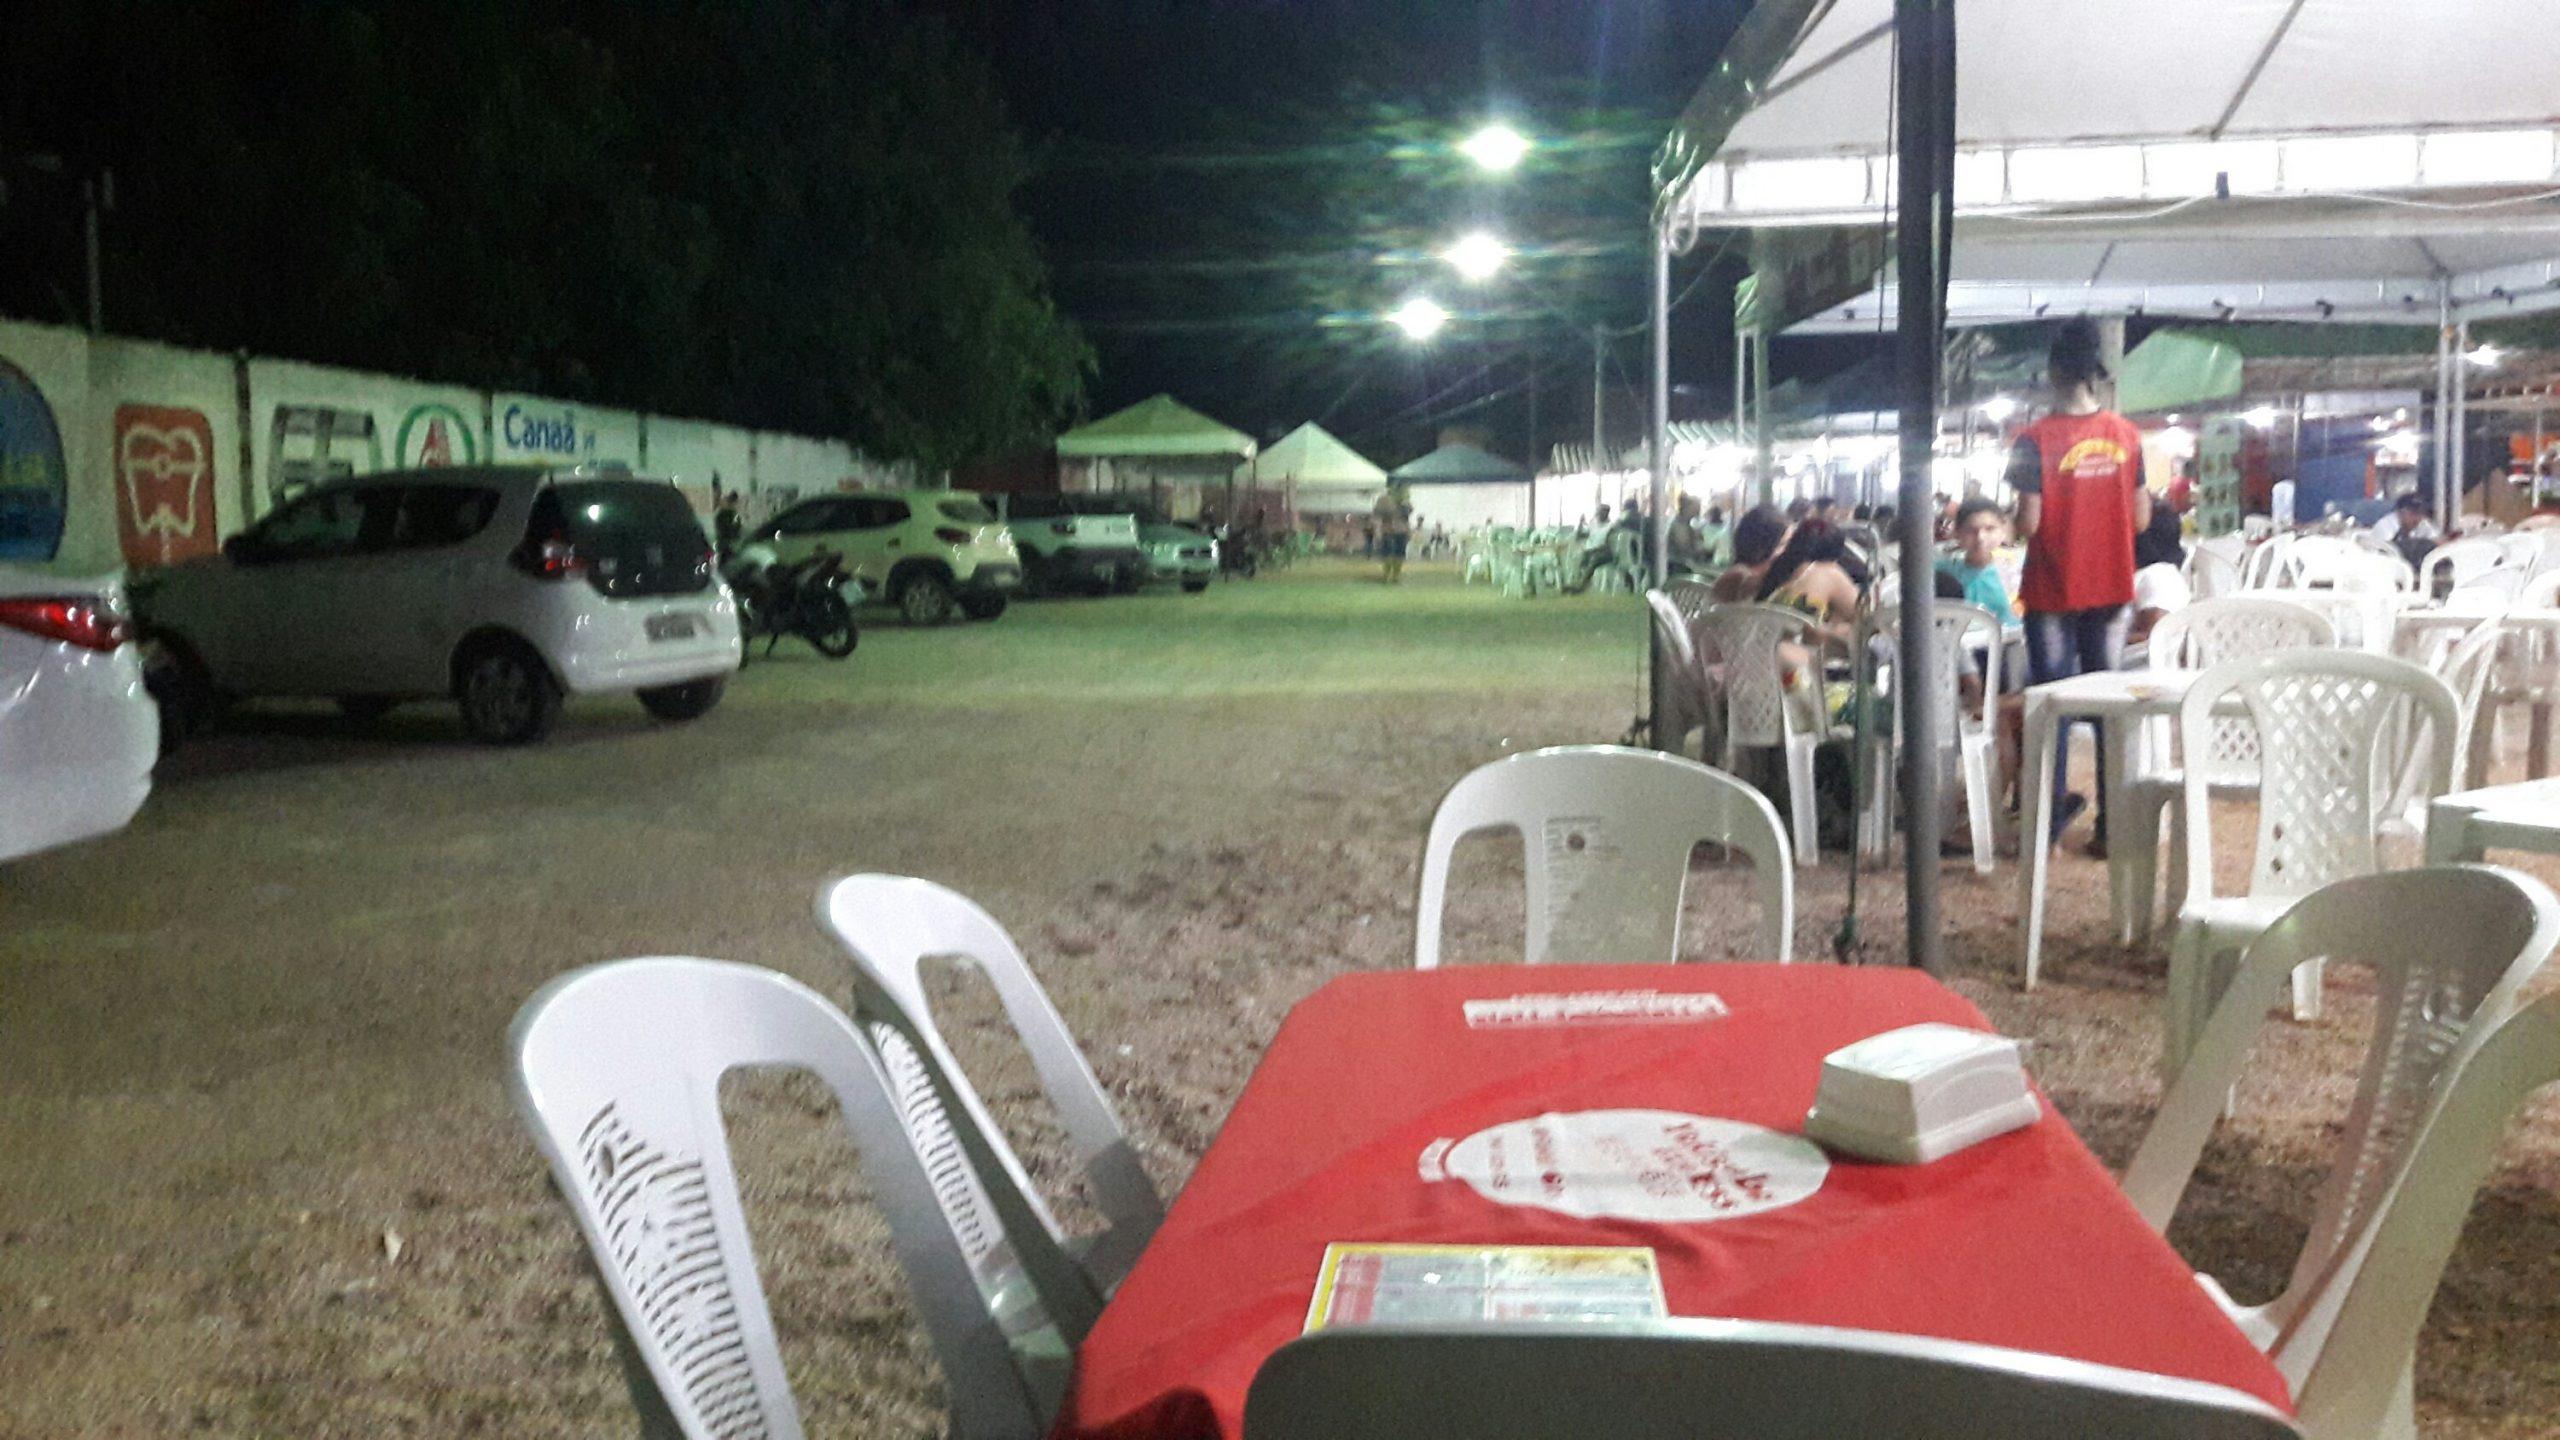 Praça de Alimentação de Canaã dos Carajás / Foto: Jorge Clésio